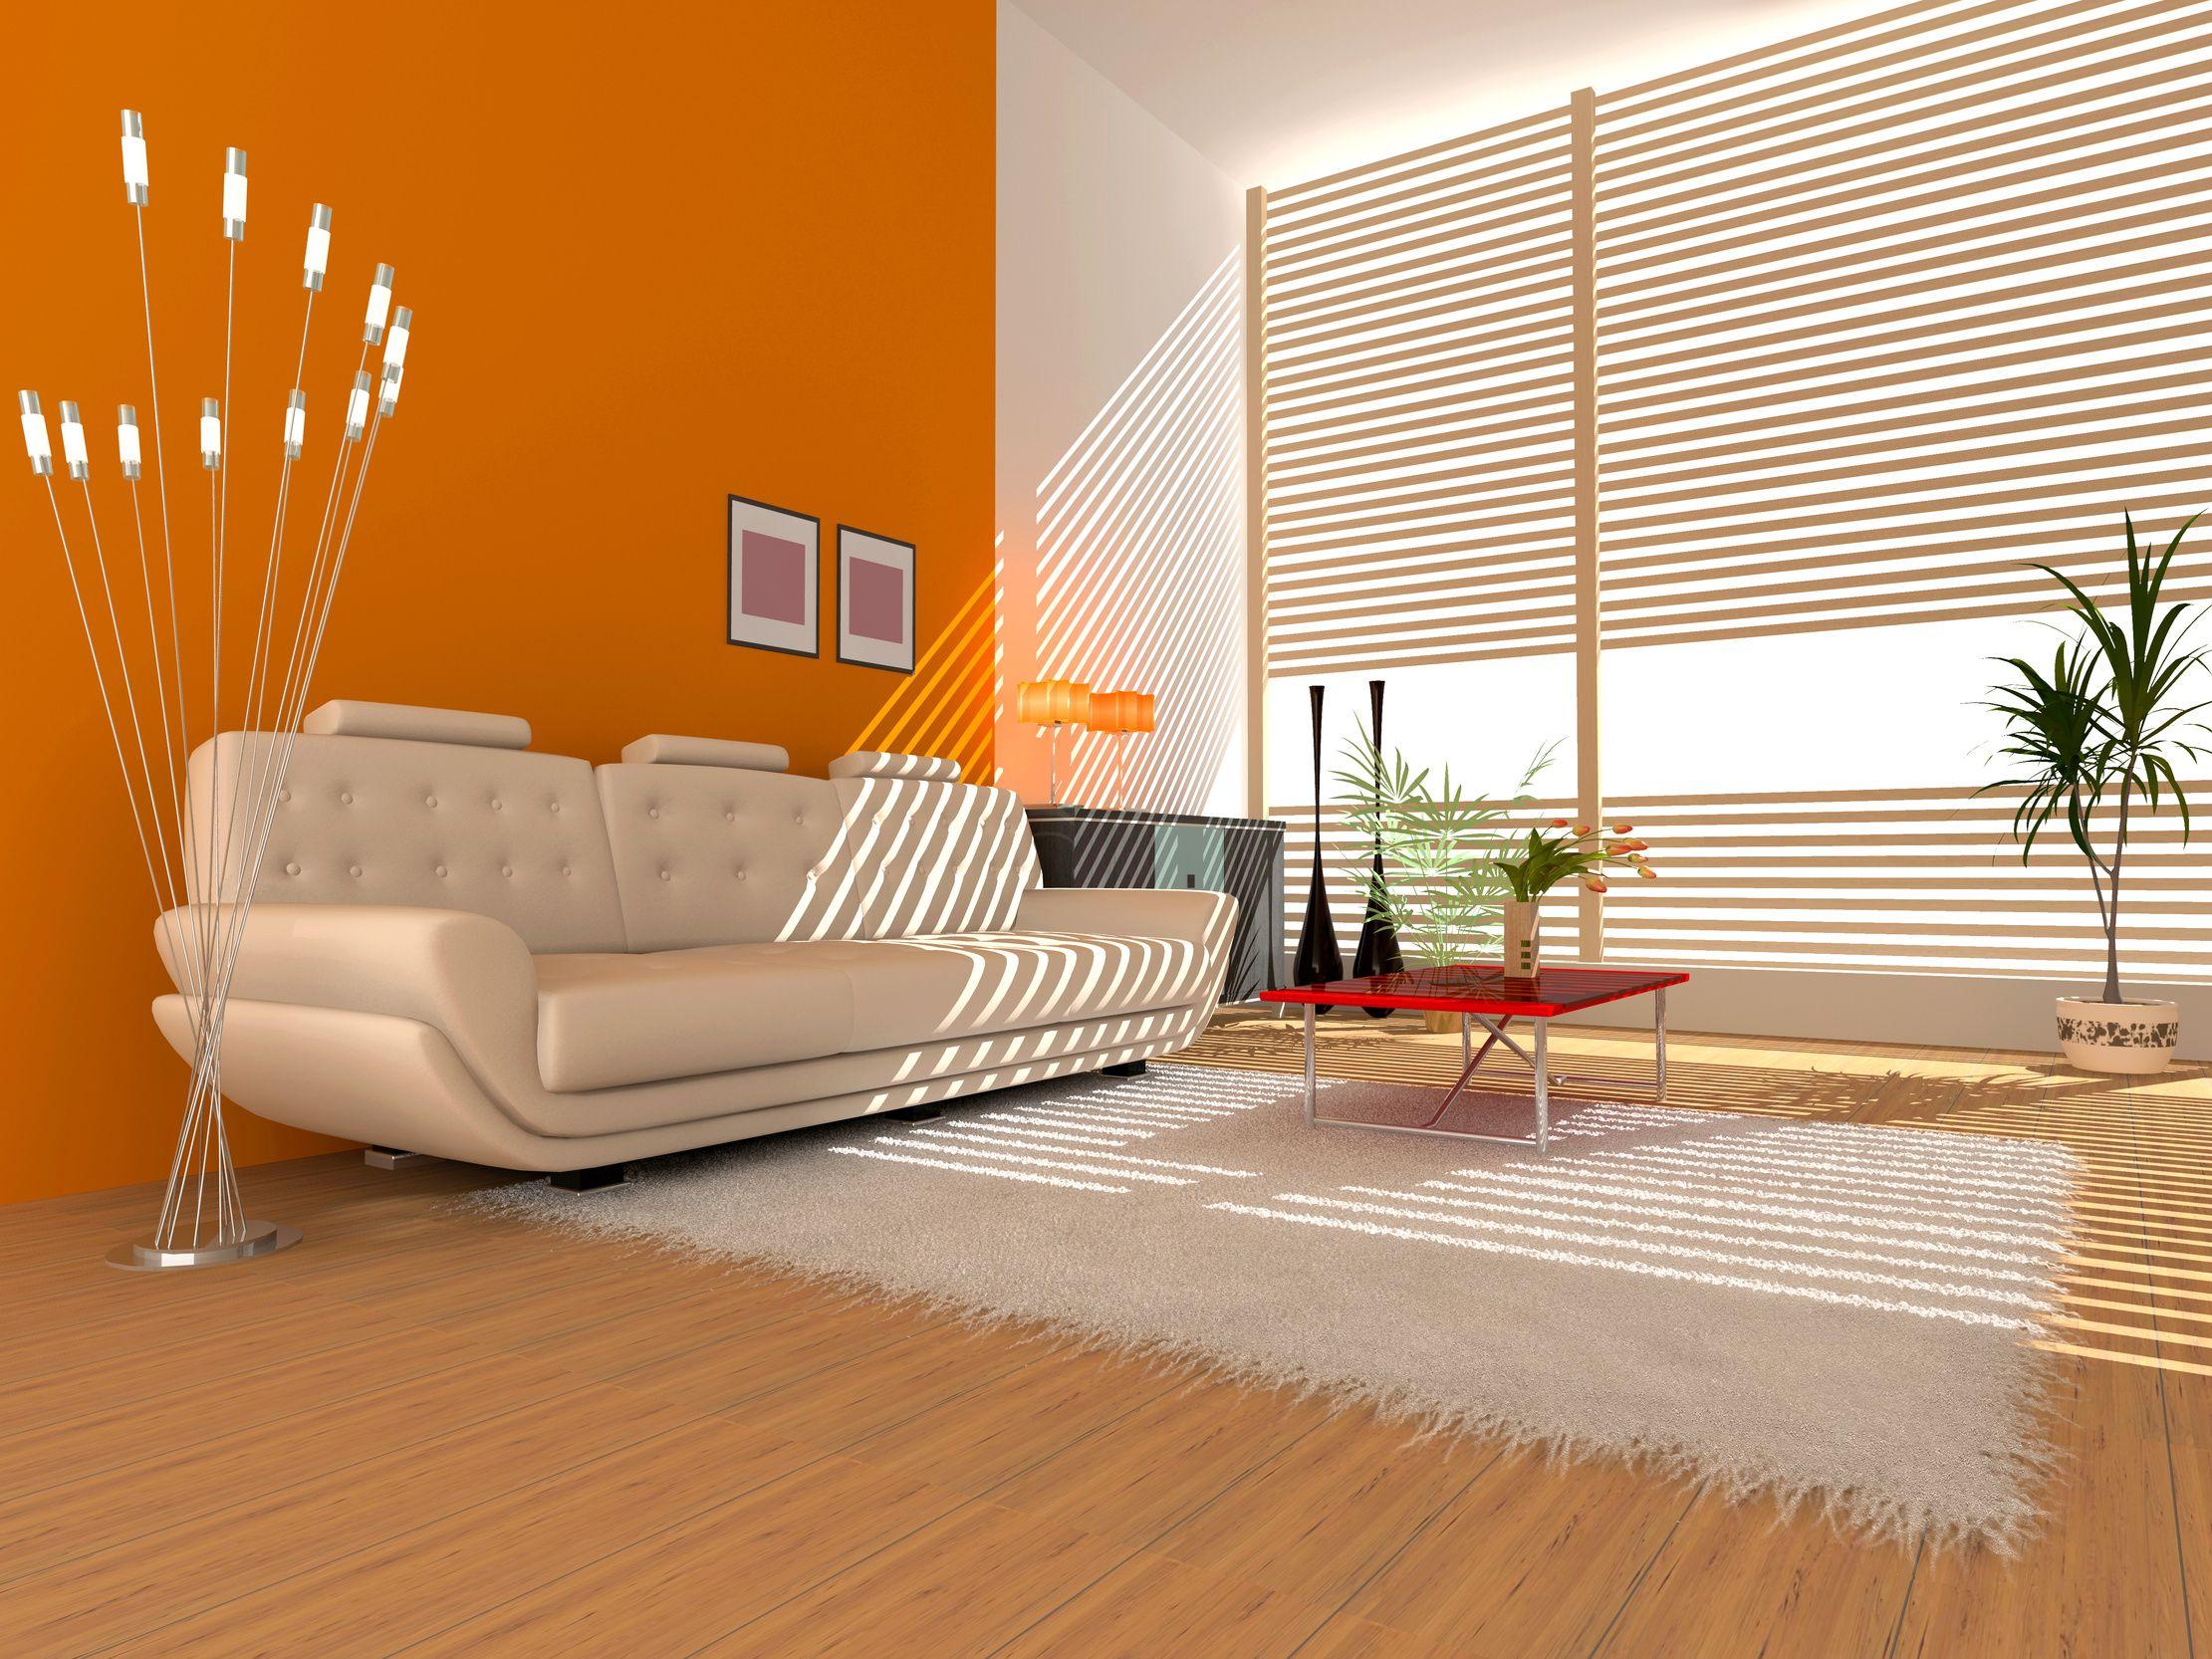 Kreativ Und Einzigartig Moderne Interieur Design Ideen  Mehr auf